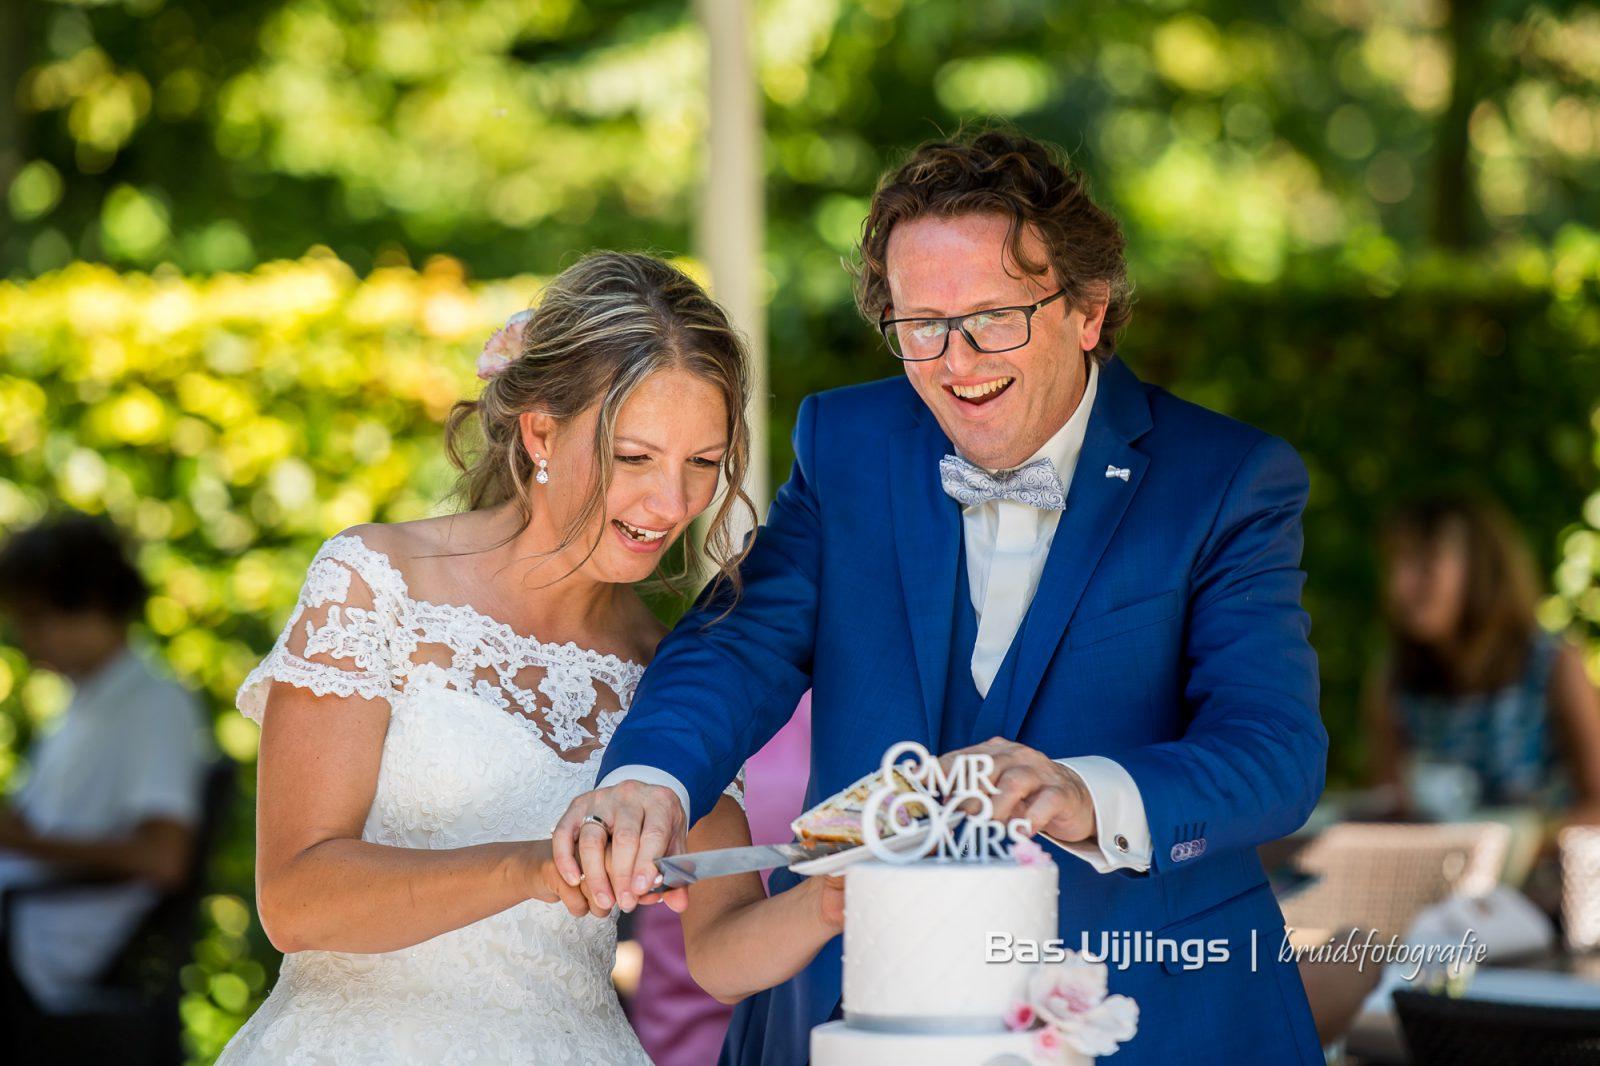 Aansnijden bruidstaart Kasteel de Haar Utrecht